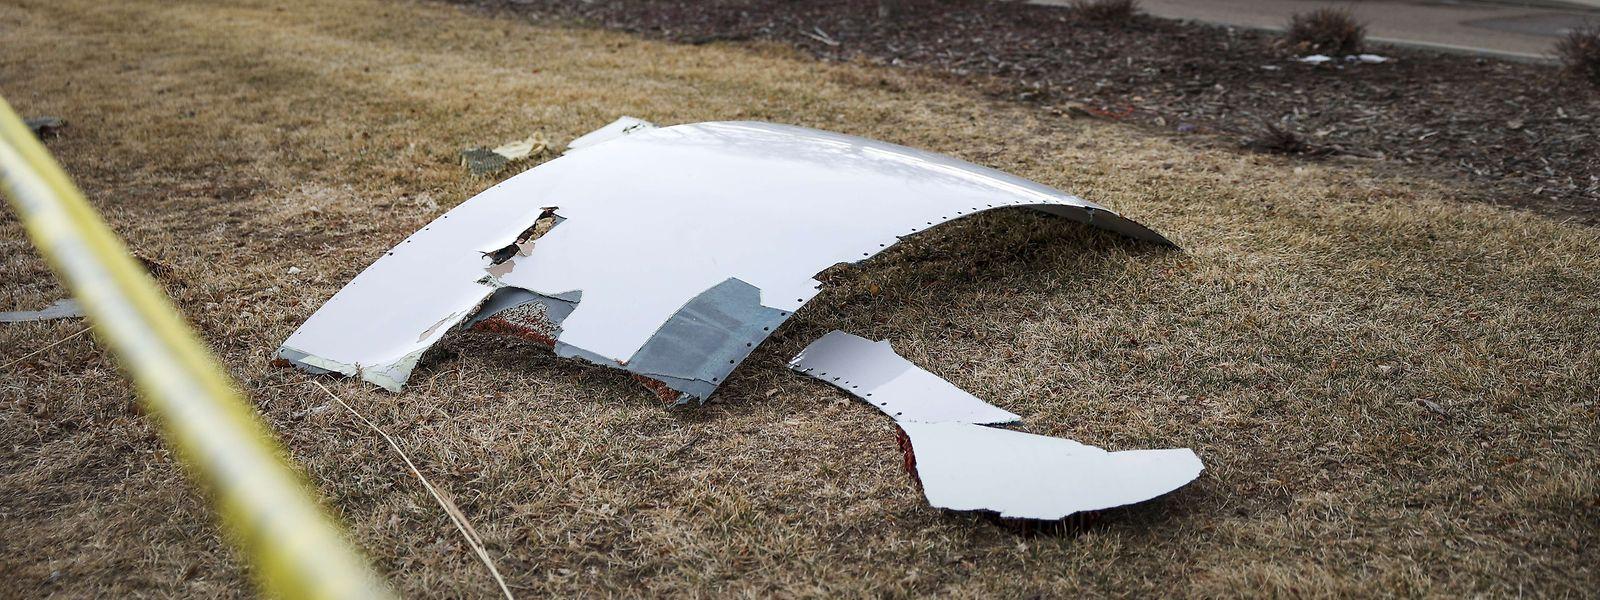 Partes do motor do aparelho caíram numa área residencial em pleno voo, sem no entanto provocar feridos, no estado do Colorado.